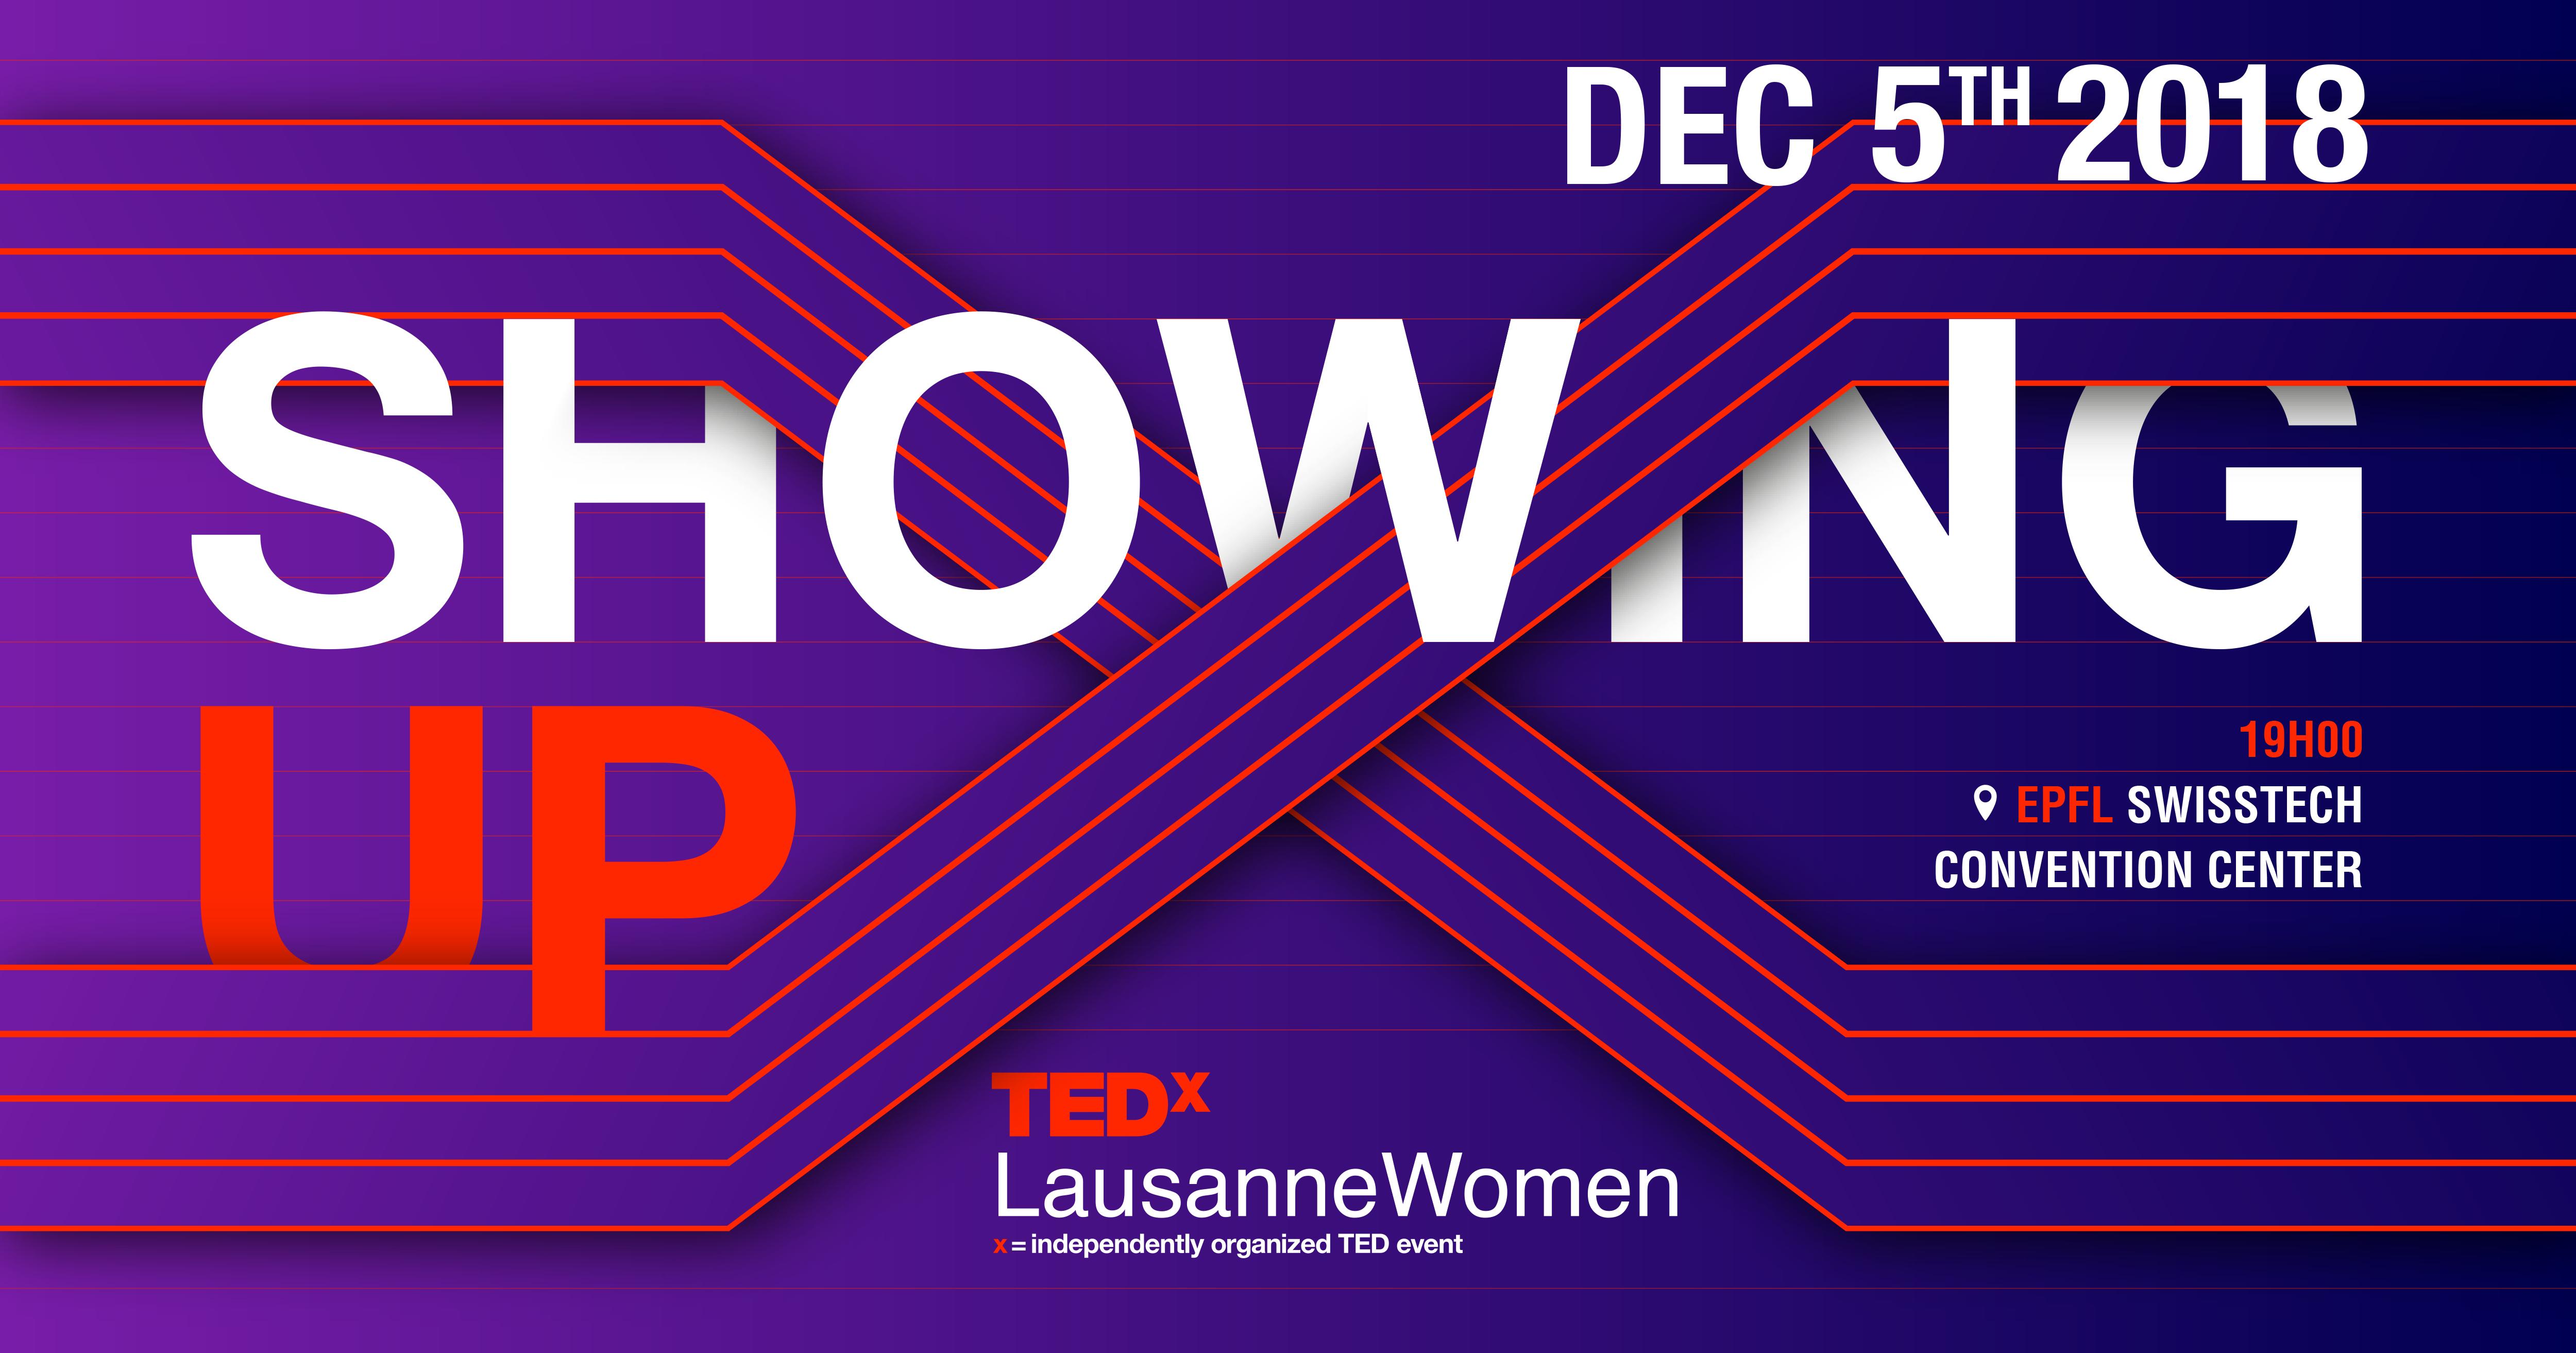 TEDxLausanneWomen - 05/12/18 @ SwissTech Convention Center